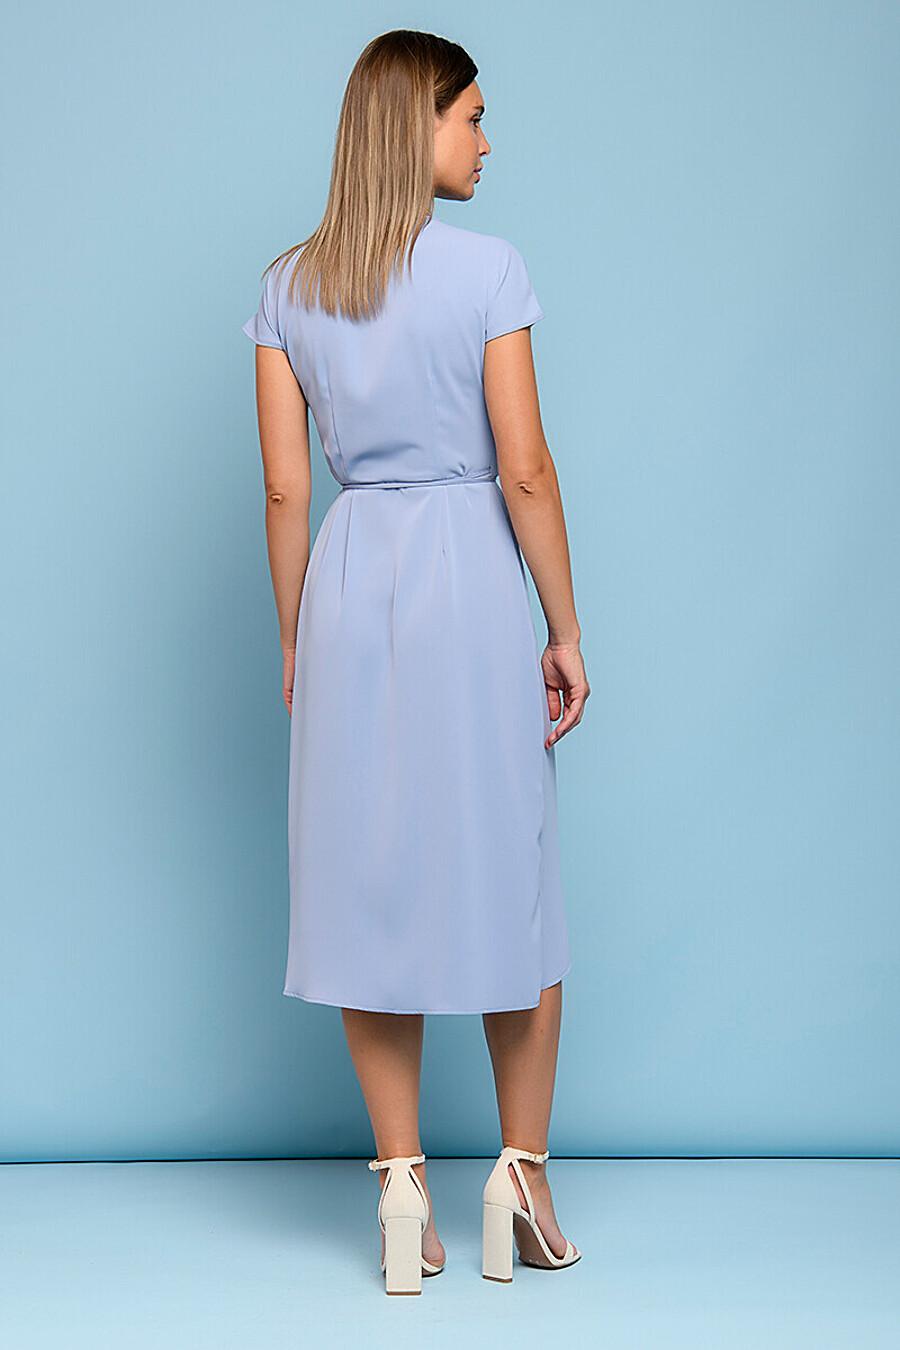 Платье для женщин 1001 DRESS 682805 купить оптом от производителя. Совместная покупка женской одежды в OptMoyo